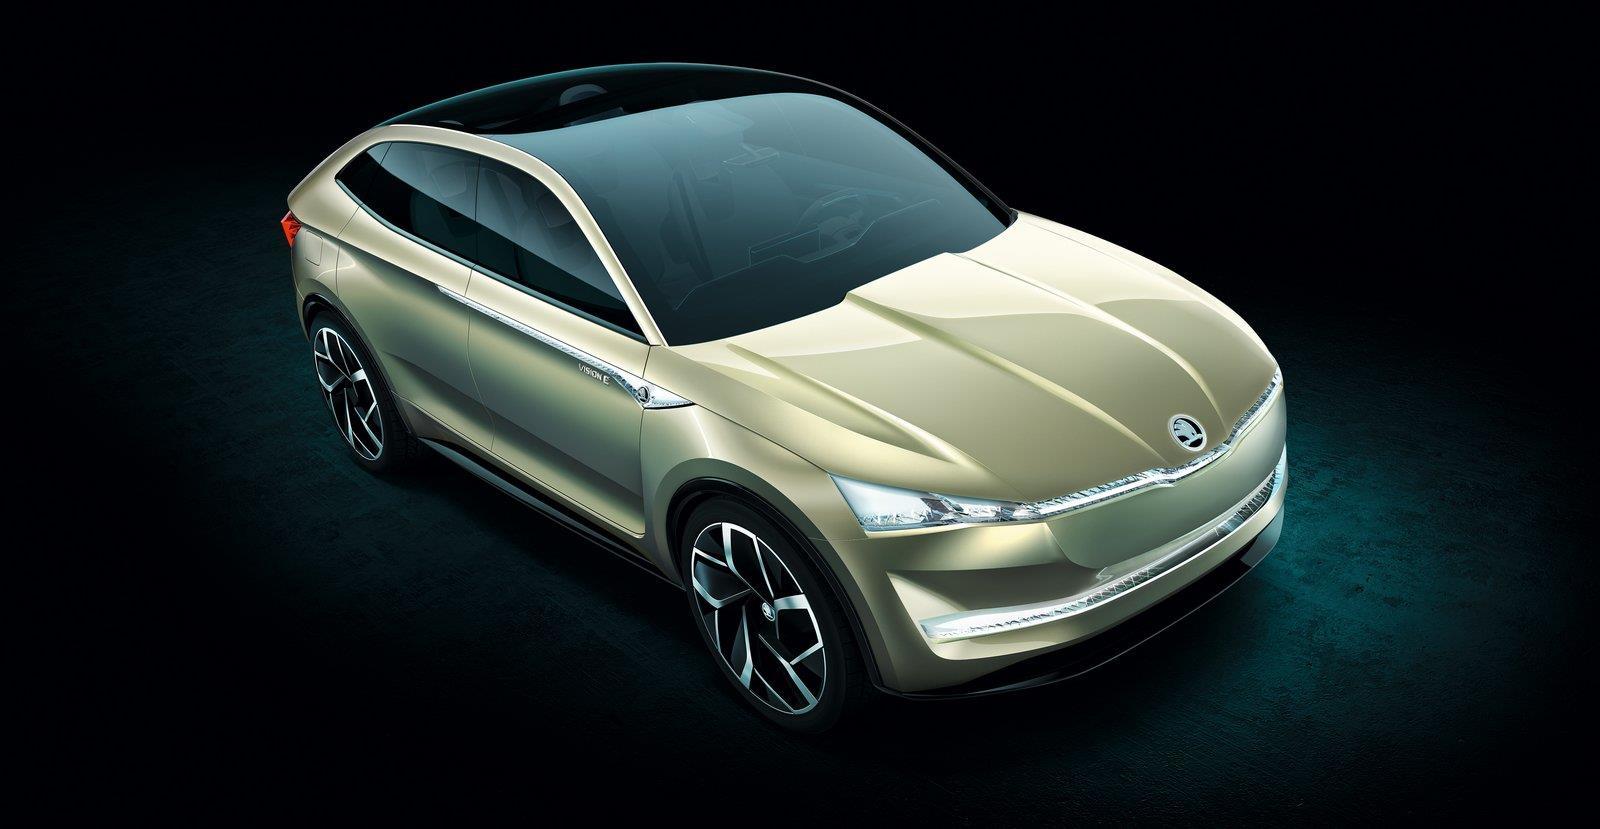 Skoda Vision E SUV concept image gallery